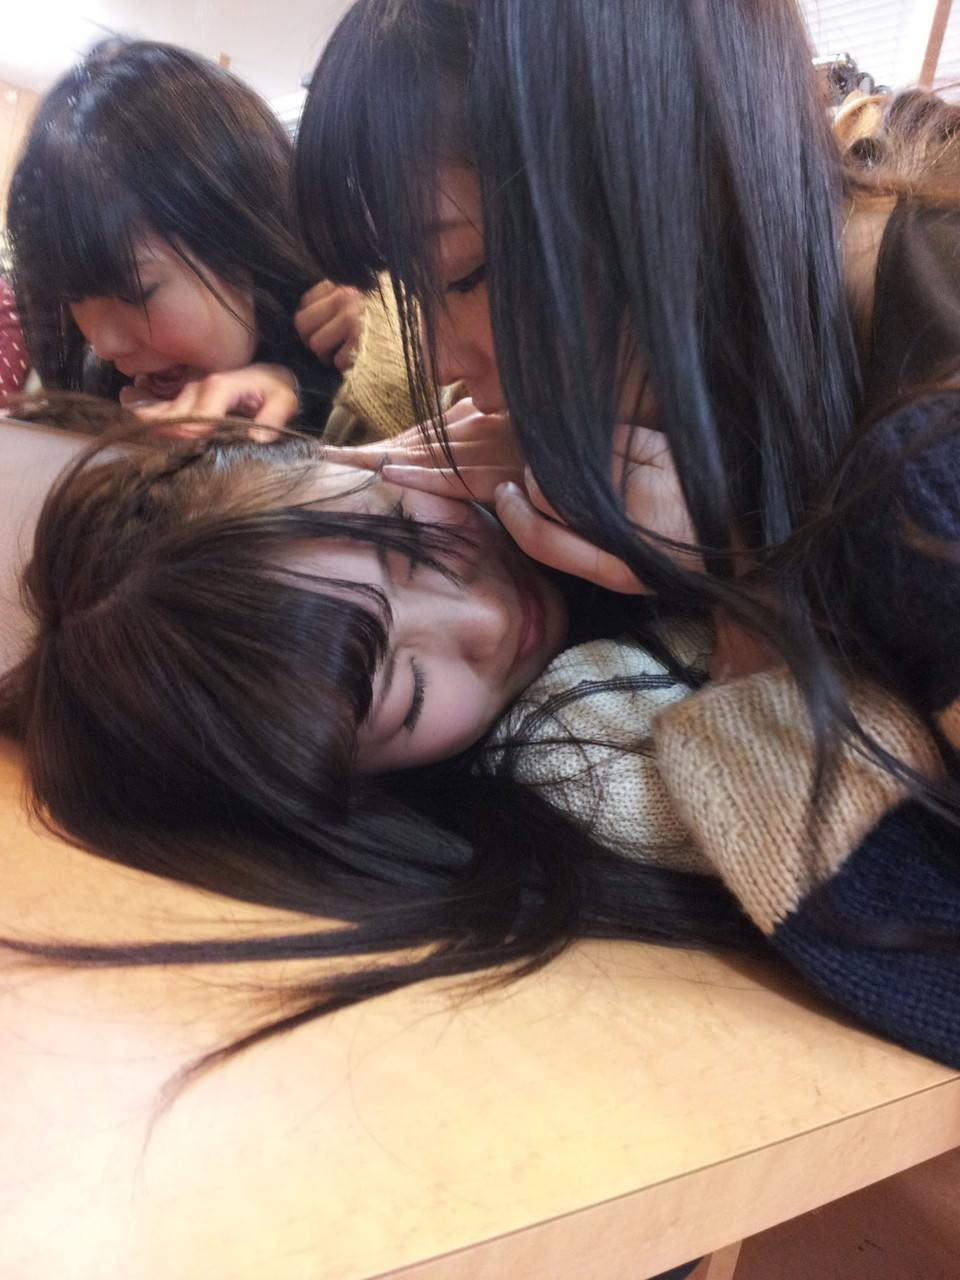 エッチなおふざけする女子高生の日常風景に密着wwww Q9MjTOS